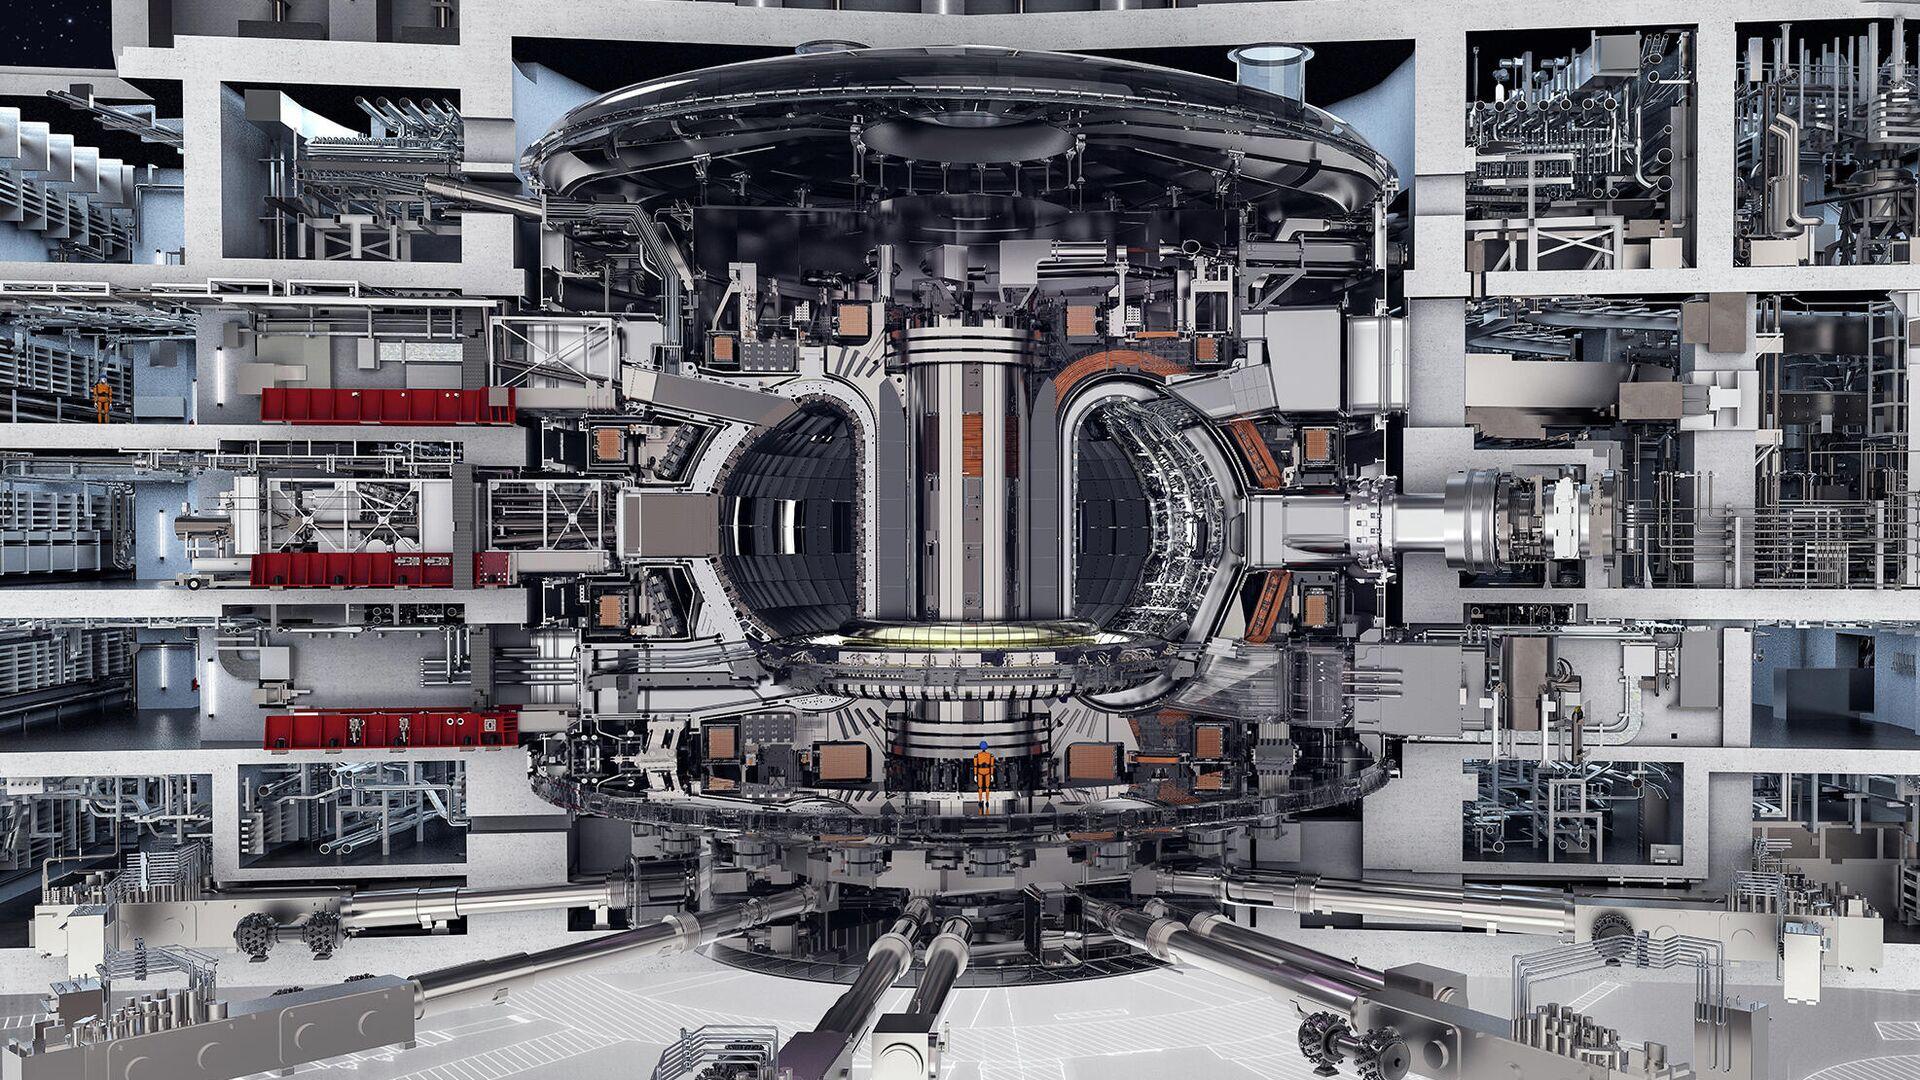 Международный экспериментальный термоядерный реактор (ITER) - РИА Новости, 1920, 11.08.2020